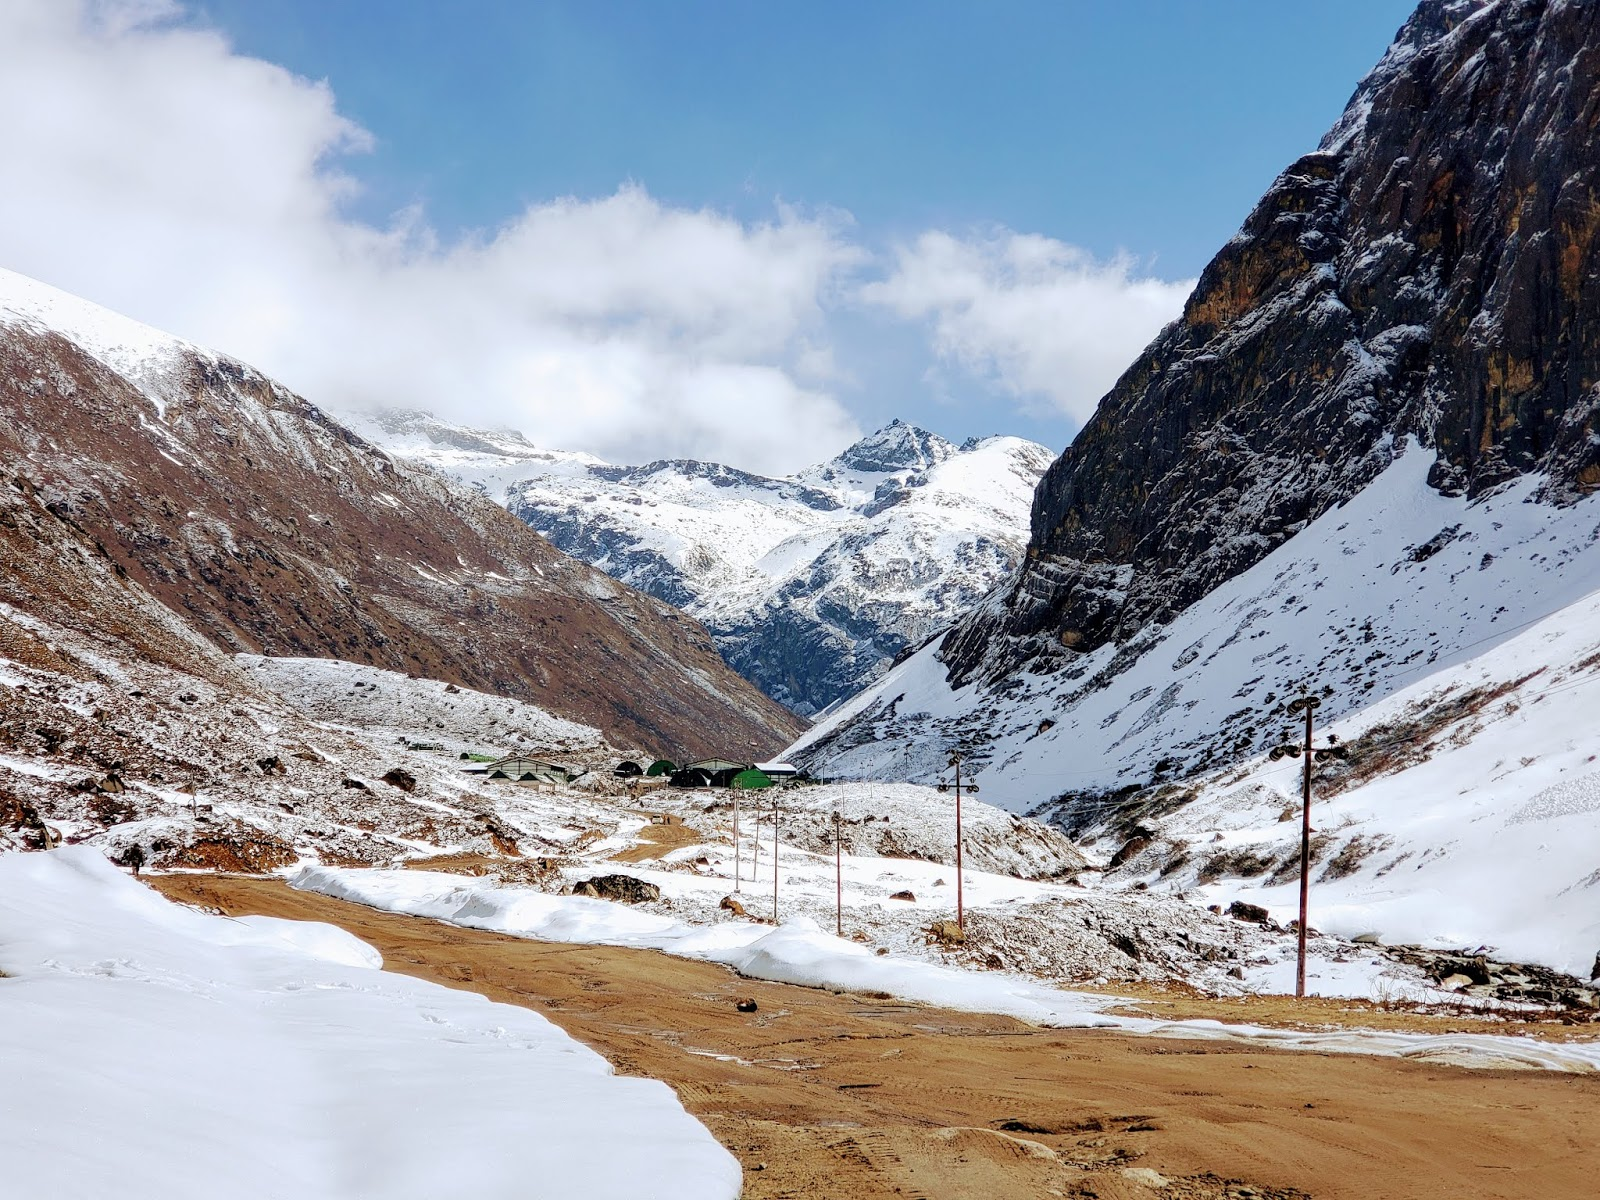 गुरुडोंगमार की तरफ जाते हुए पहाड़ी रस्ते